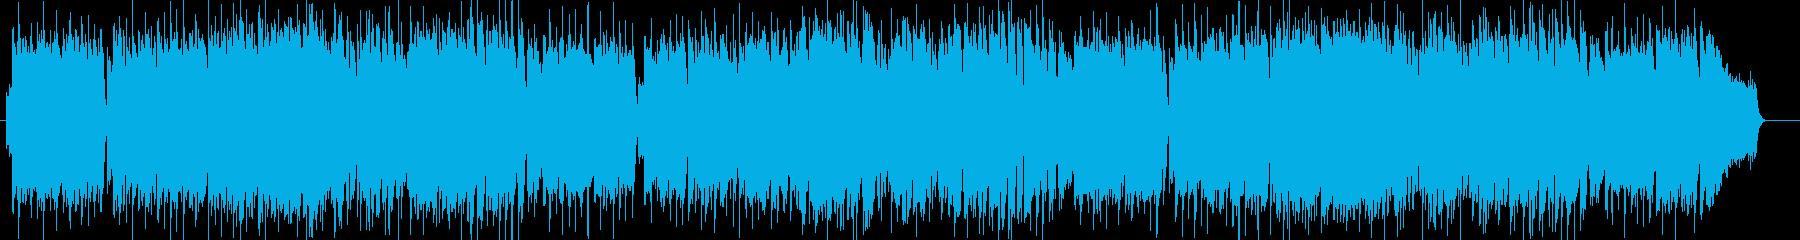 ノスタルジックなギターシンセポップの再生済みの波形